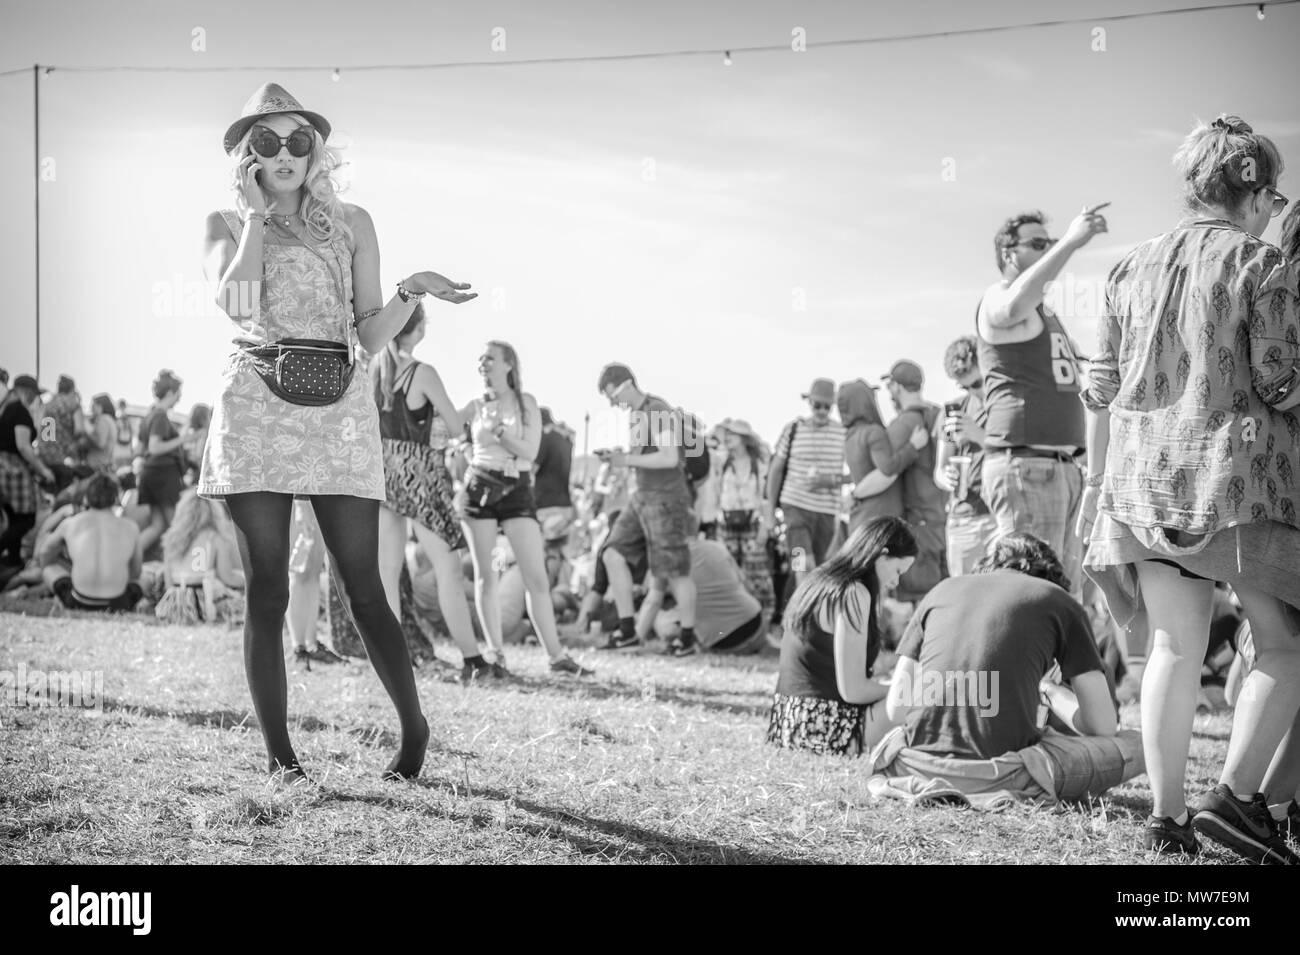 A festival goer speaks on her phone at the Glastonbury Festival 2015 - Stock Image